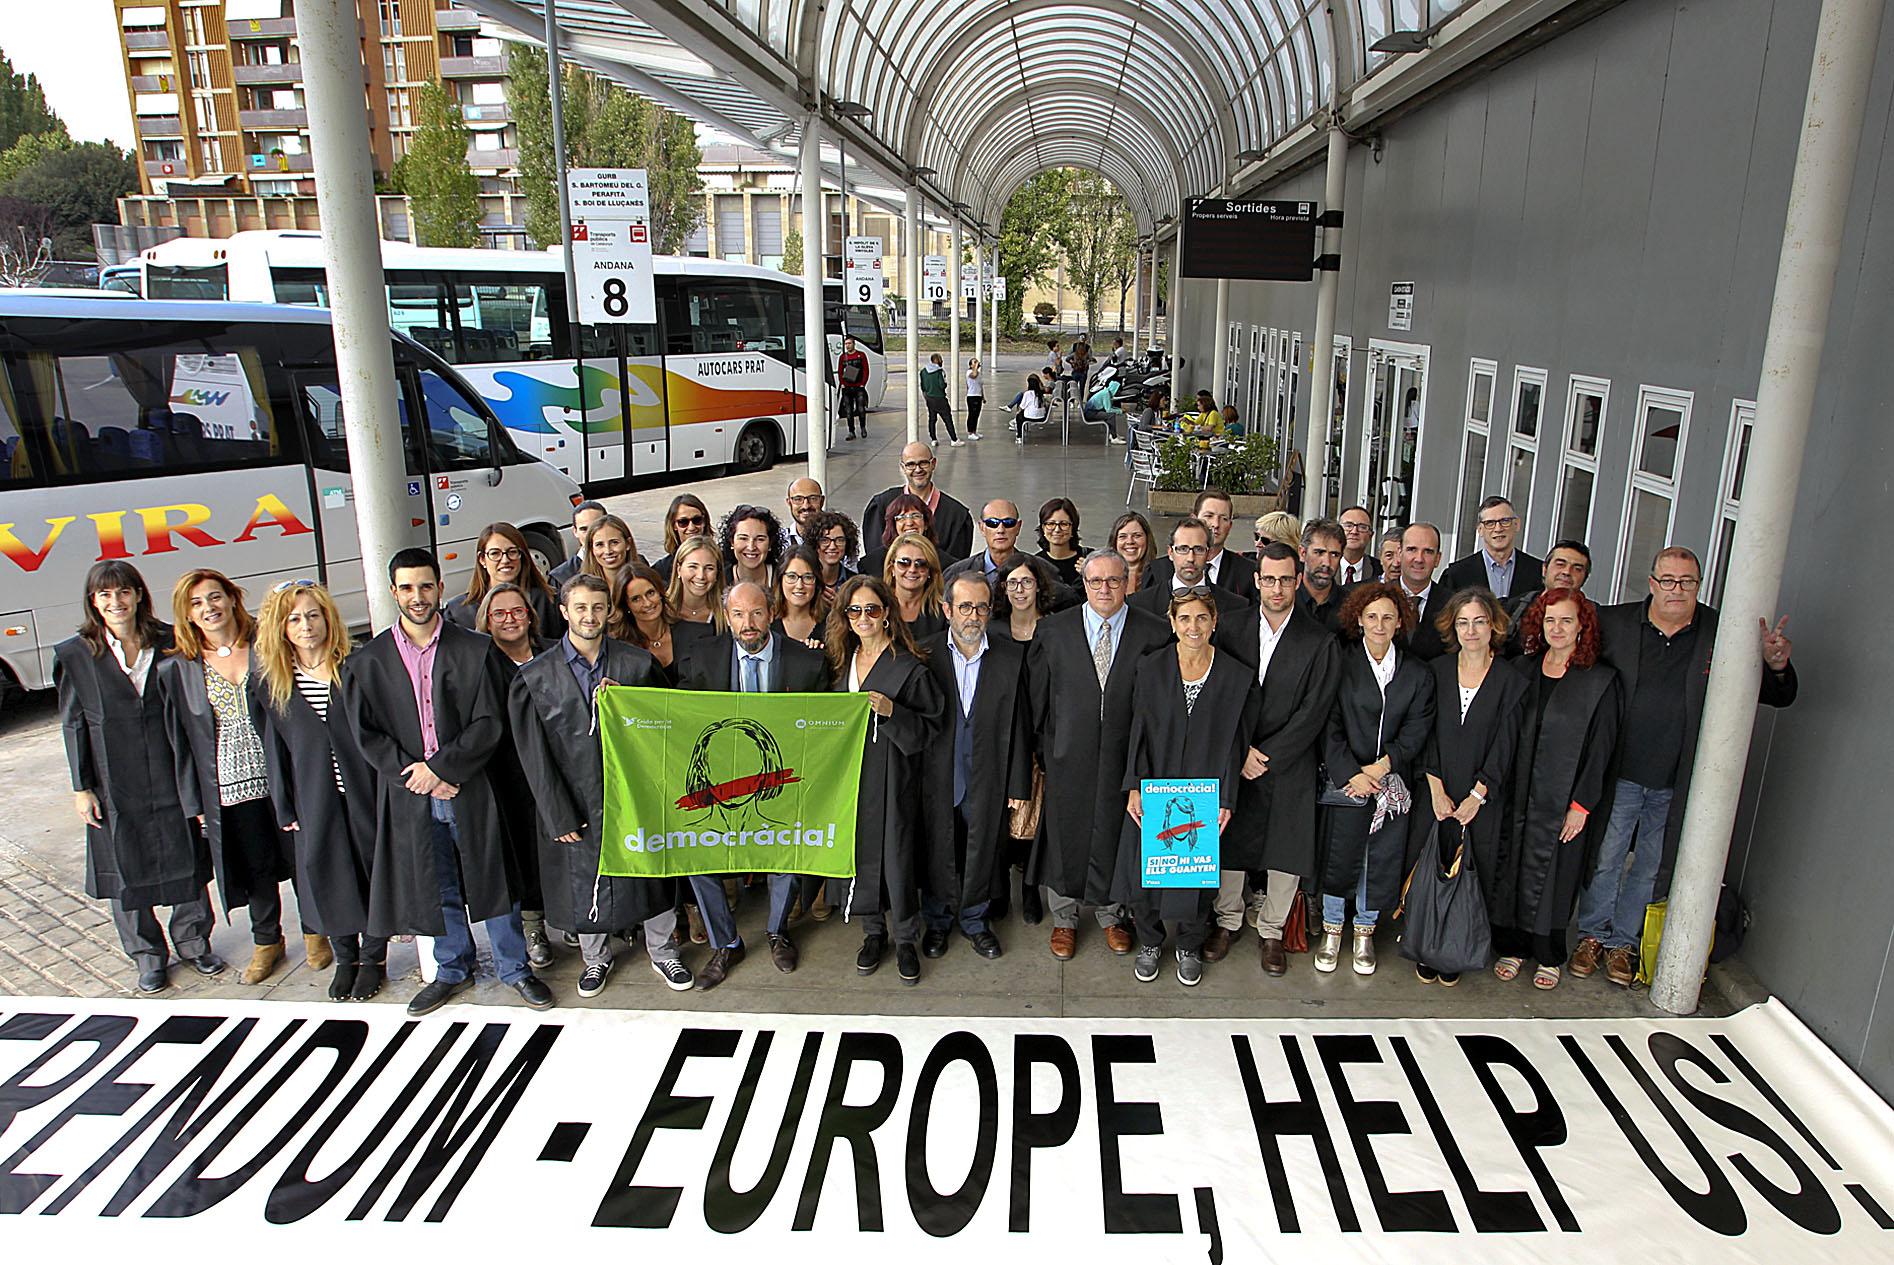 Advocats de Vic abans de traslladar-se a Barcelona la setmana prèvia a l'1-O